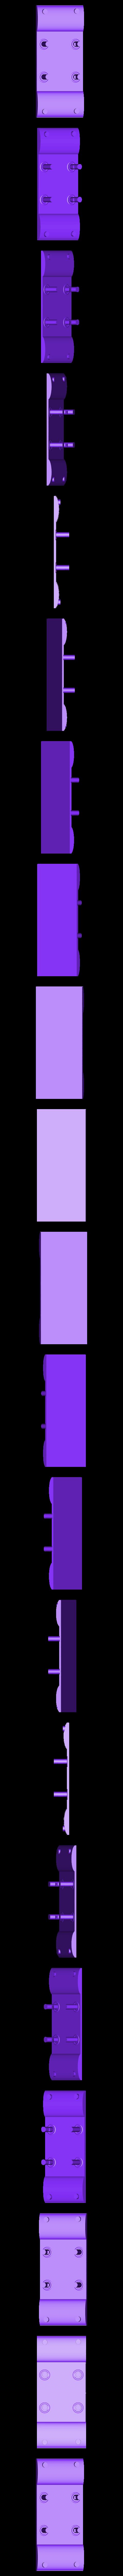 bridge_str.stl Télécharger fichier STL gratuit Eau modulaire • Objet pour imprimante 3D, Earsling